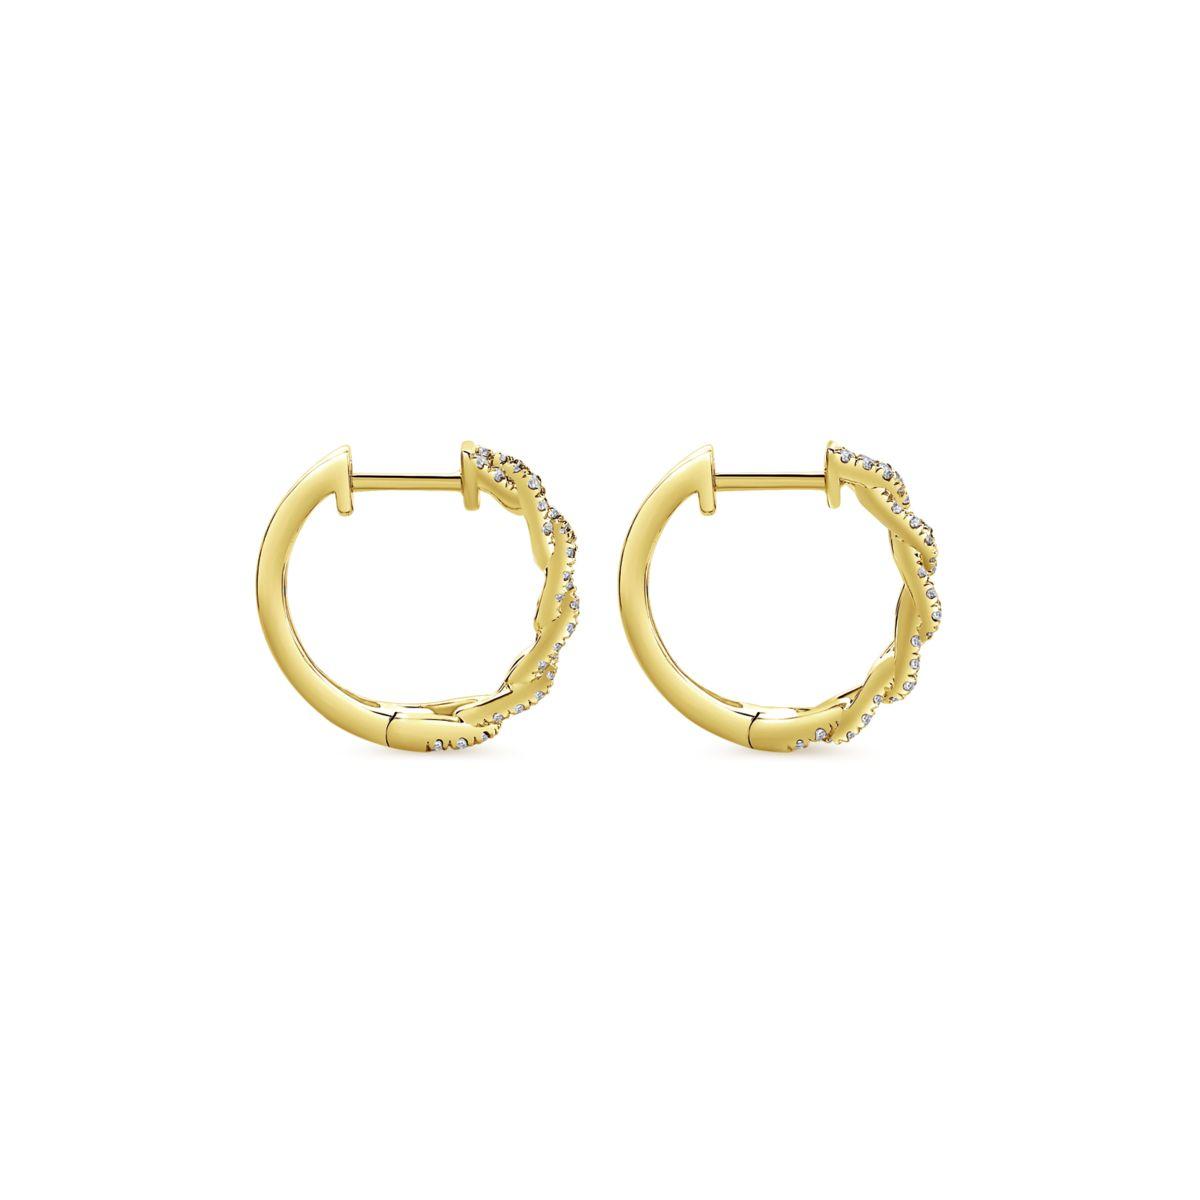 Chainlink Diamond Huggie Earrings_Gabriel-EG13232Y5JJ - Side View